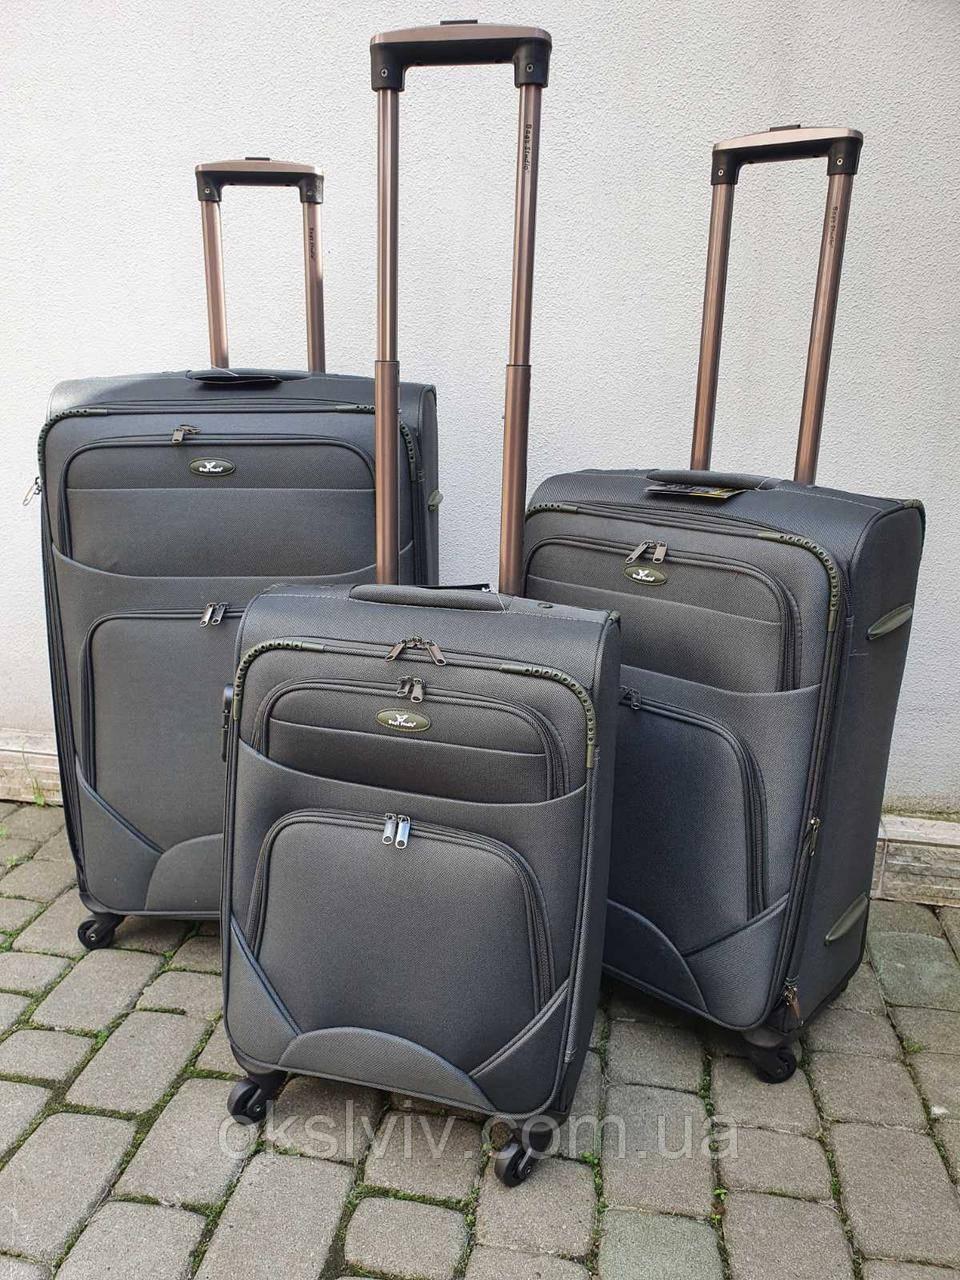 JEMIS 214 Польща валізи чемодани, сумки на колесах